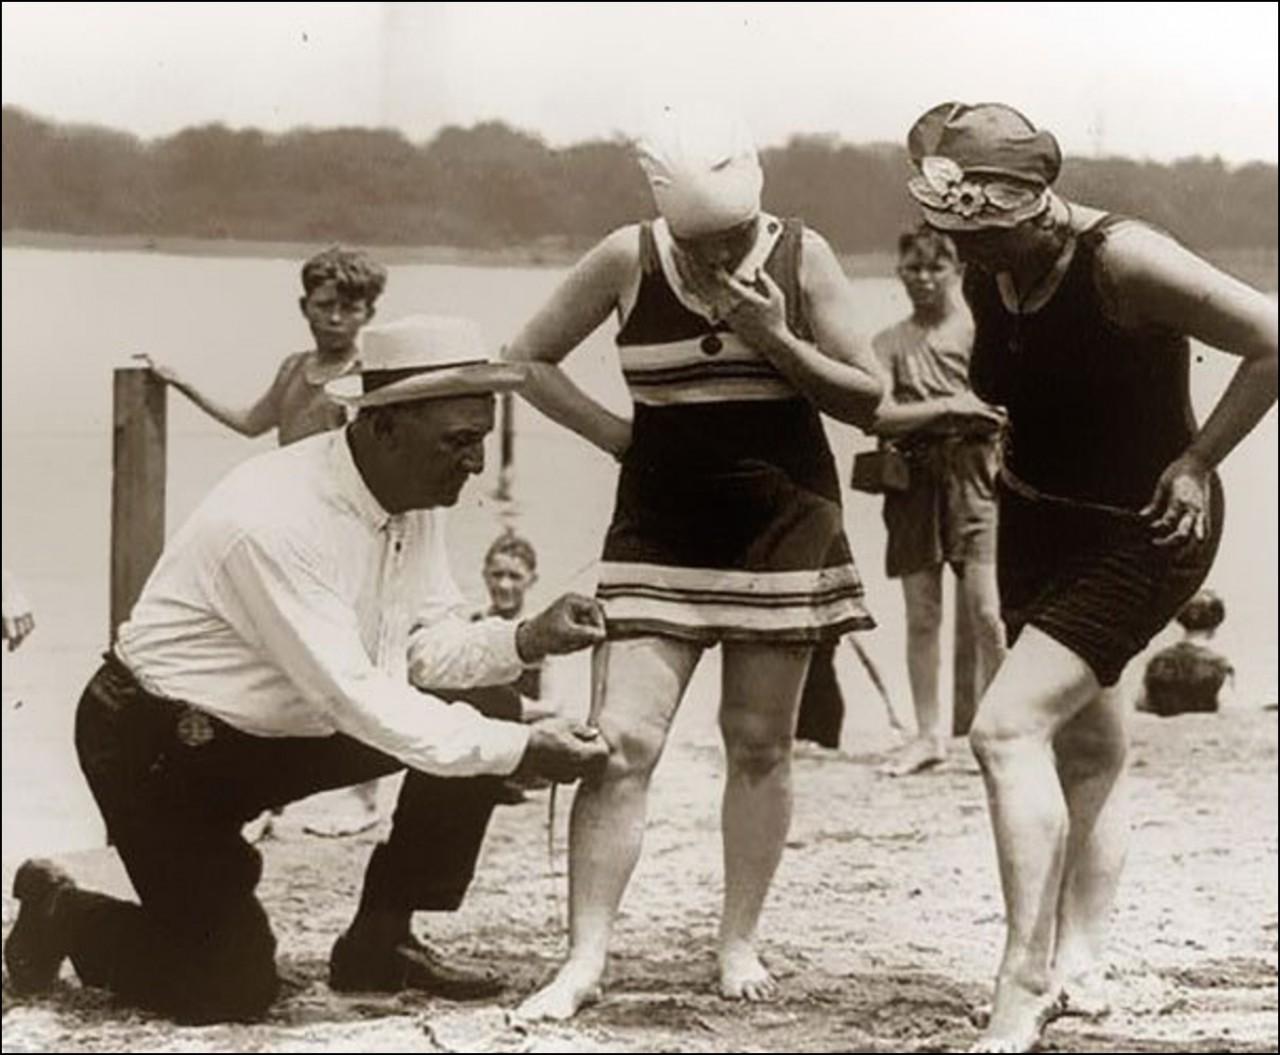 Измерение длины купальника. Если он слишком короткий, женщину могут оштрафовать.1920 Историческая фотография, история, факты